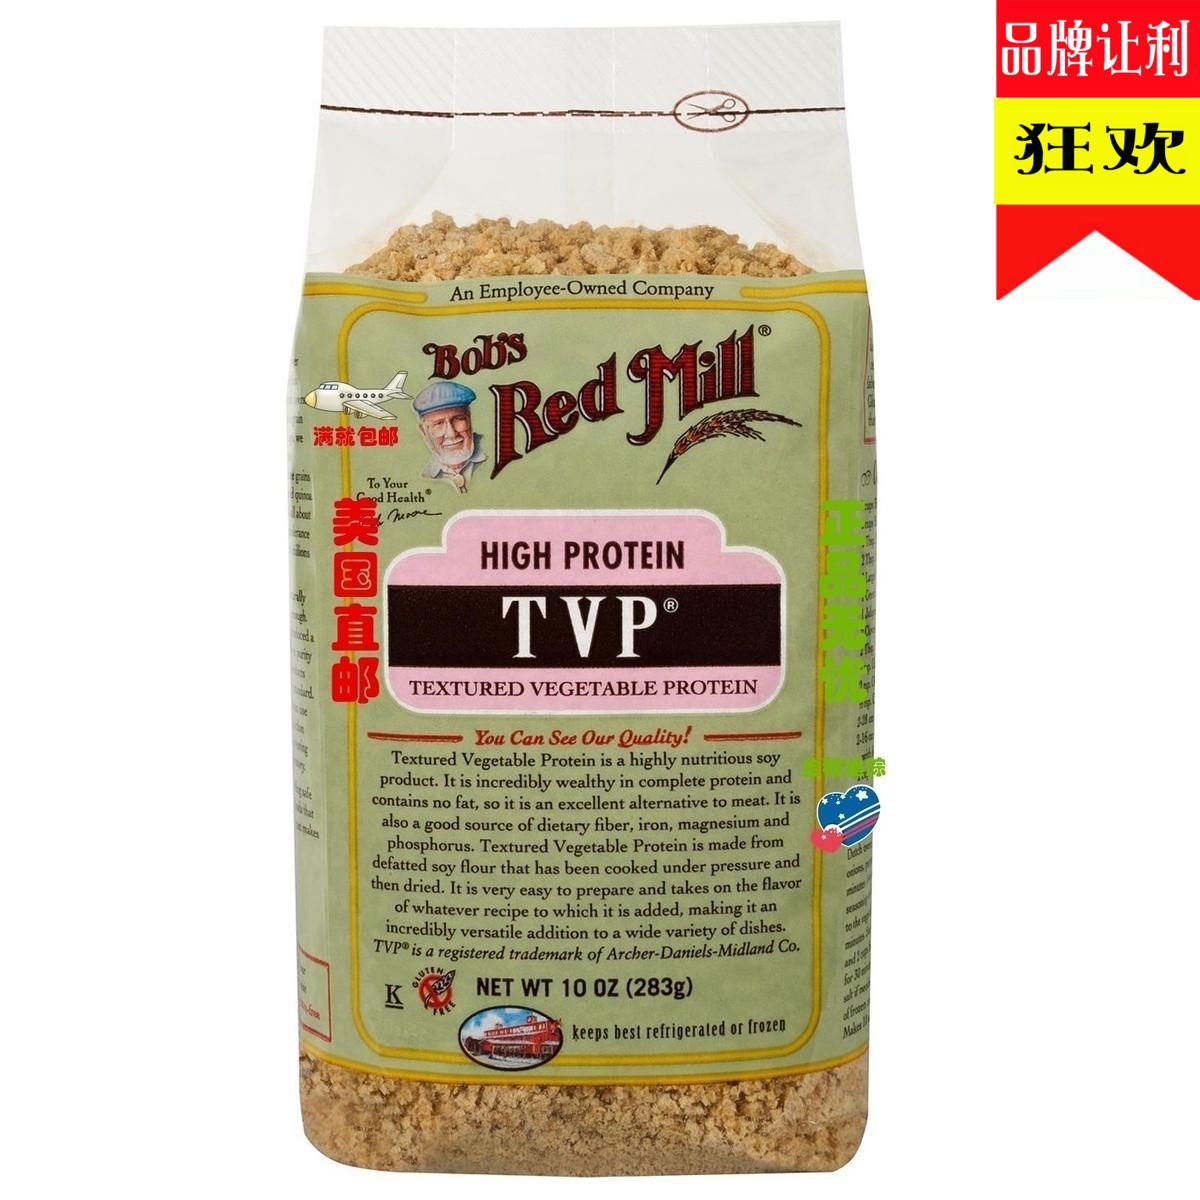 美国发货Bob s Red Mill鲍勃红磨坊TVP植物蛋白 脱脂大豆蛋白283g